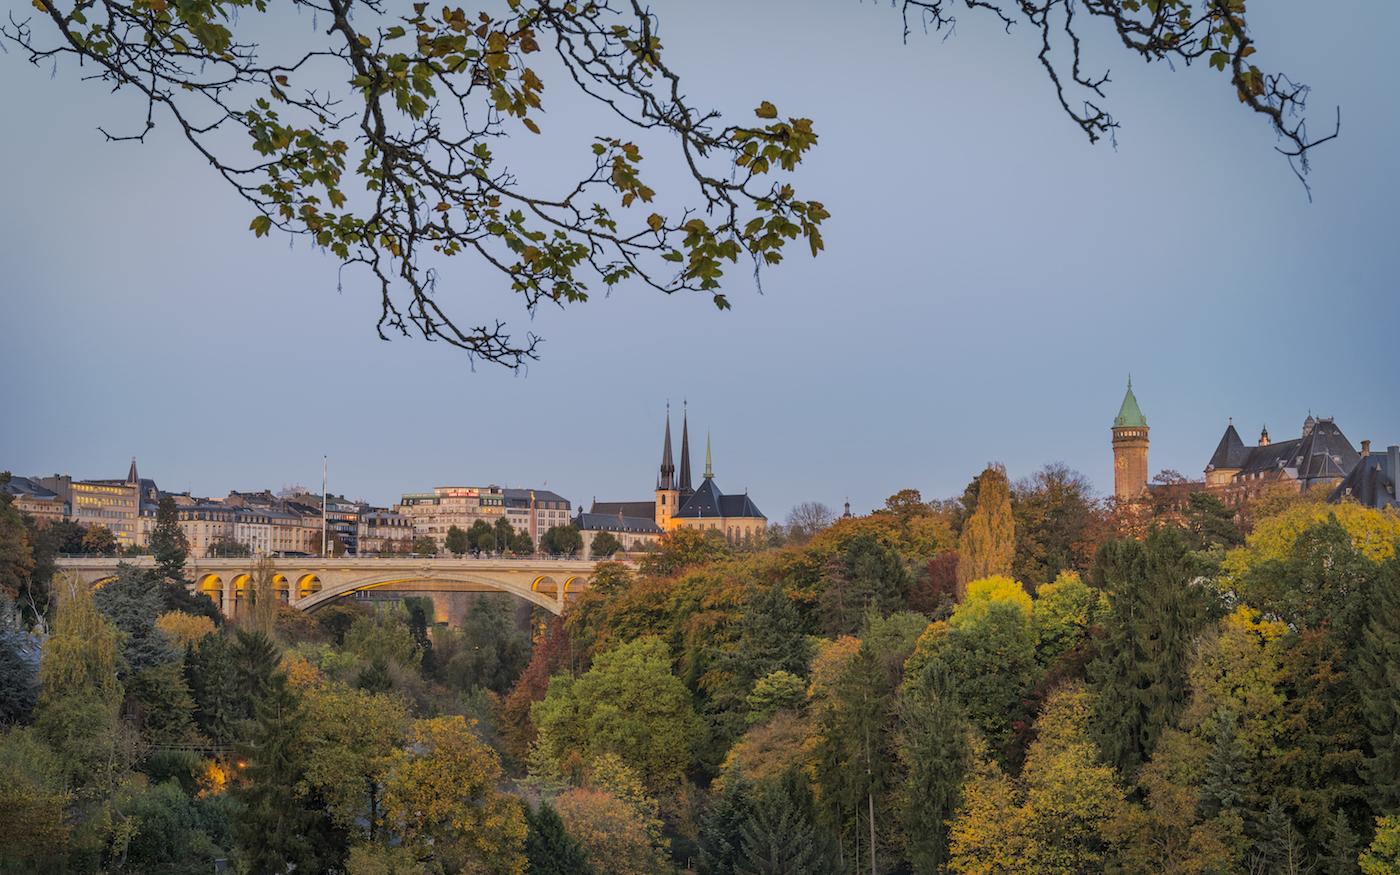 Scorcio di Lussemburgo - foto A. Salgueiro www.alsalphotography.com/LTF